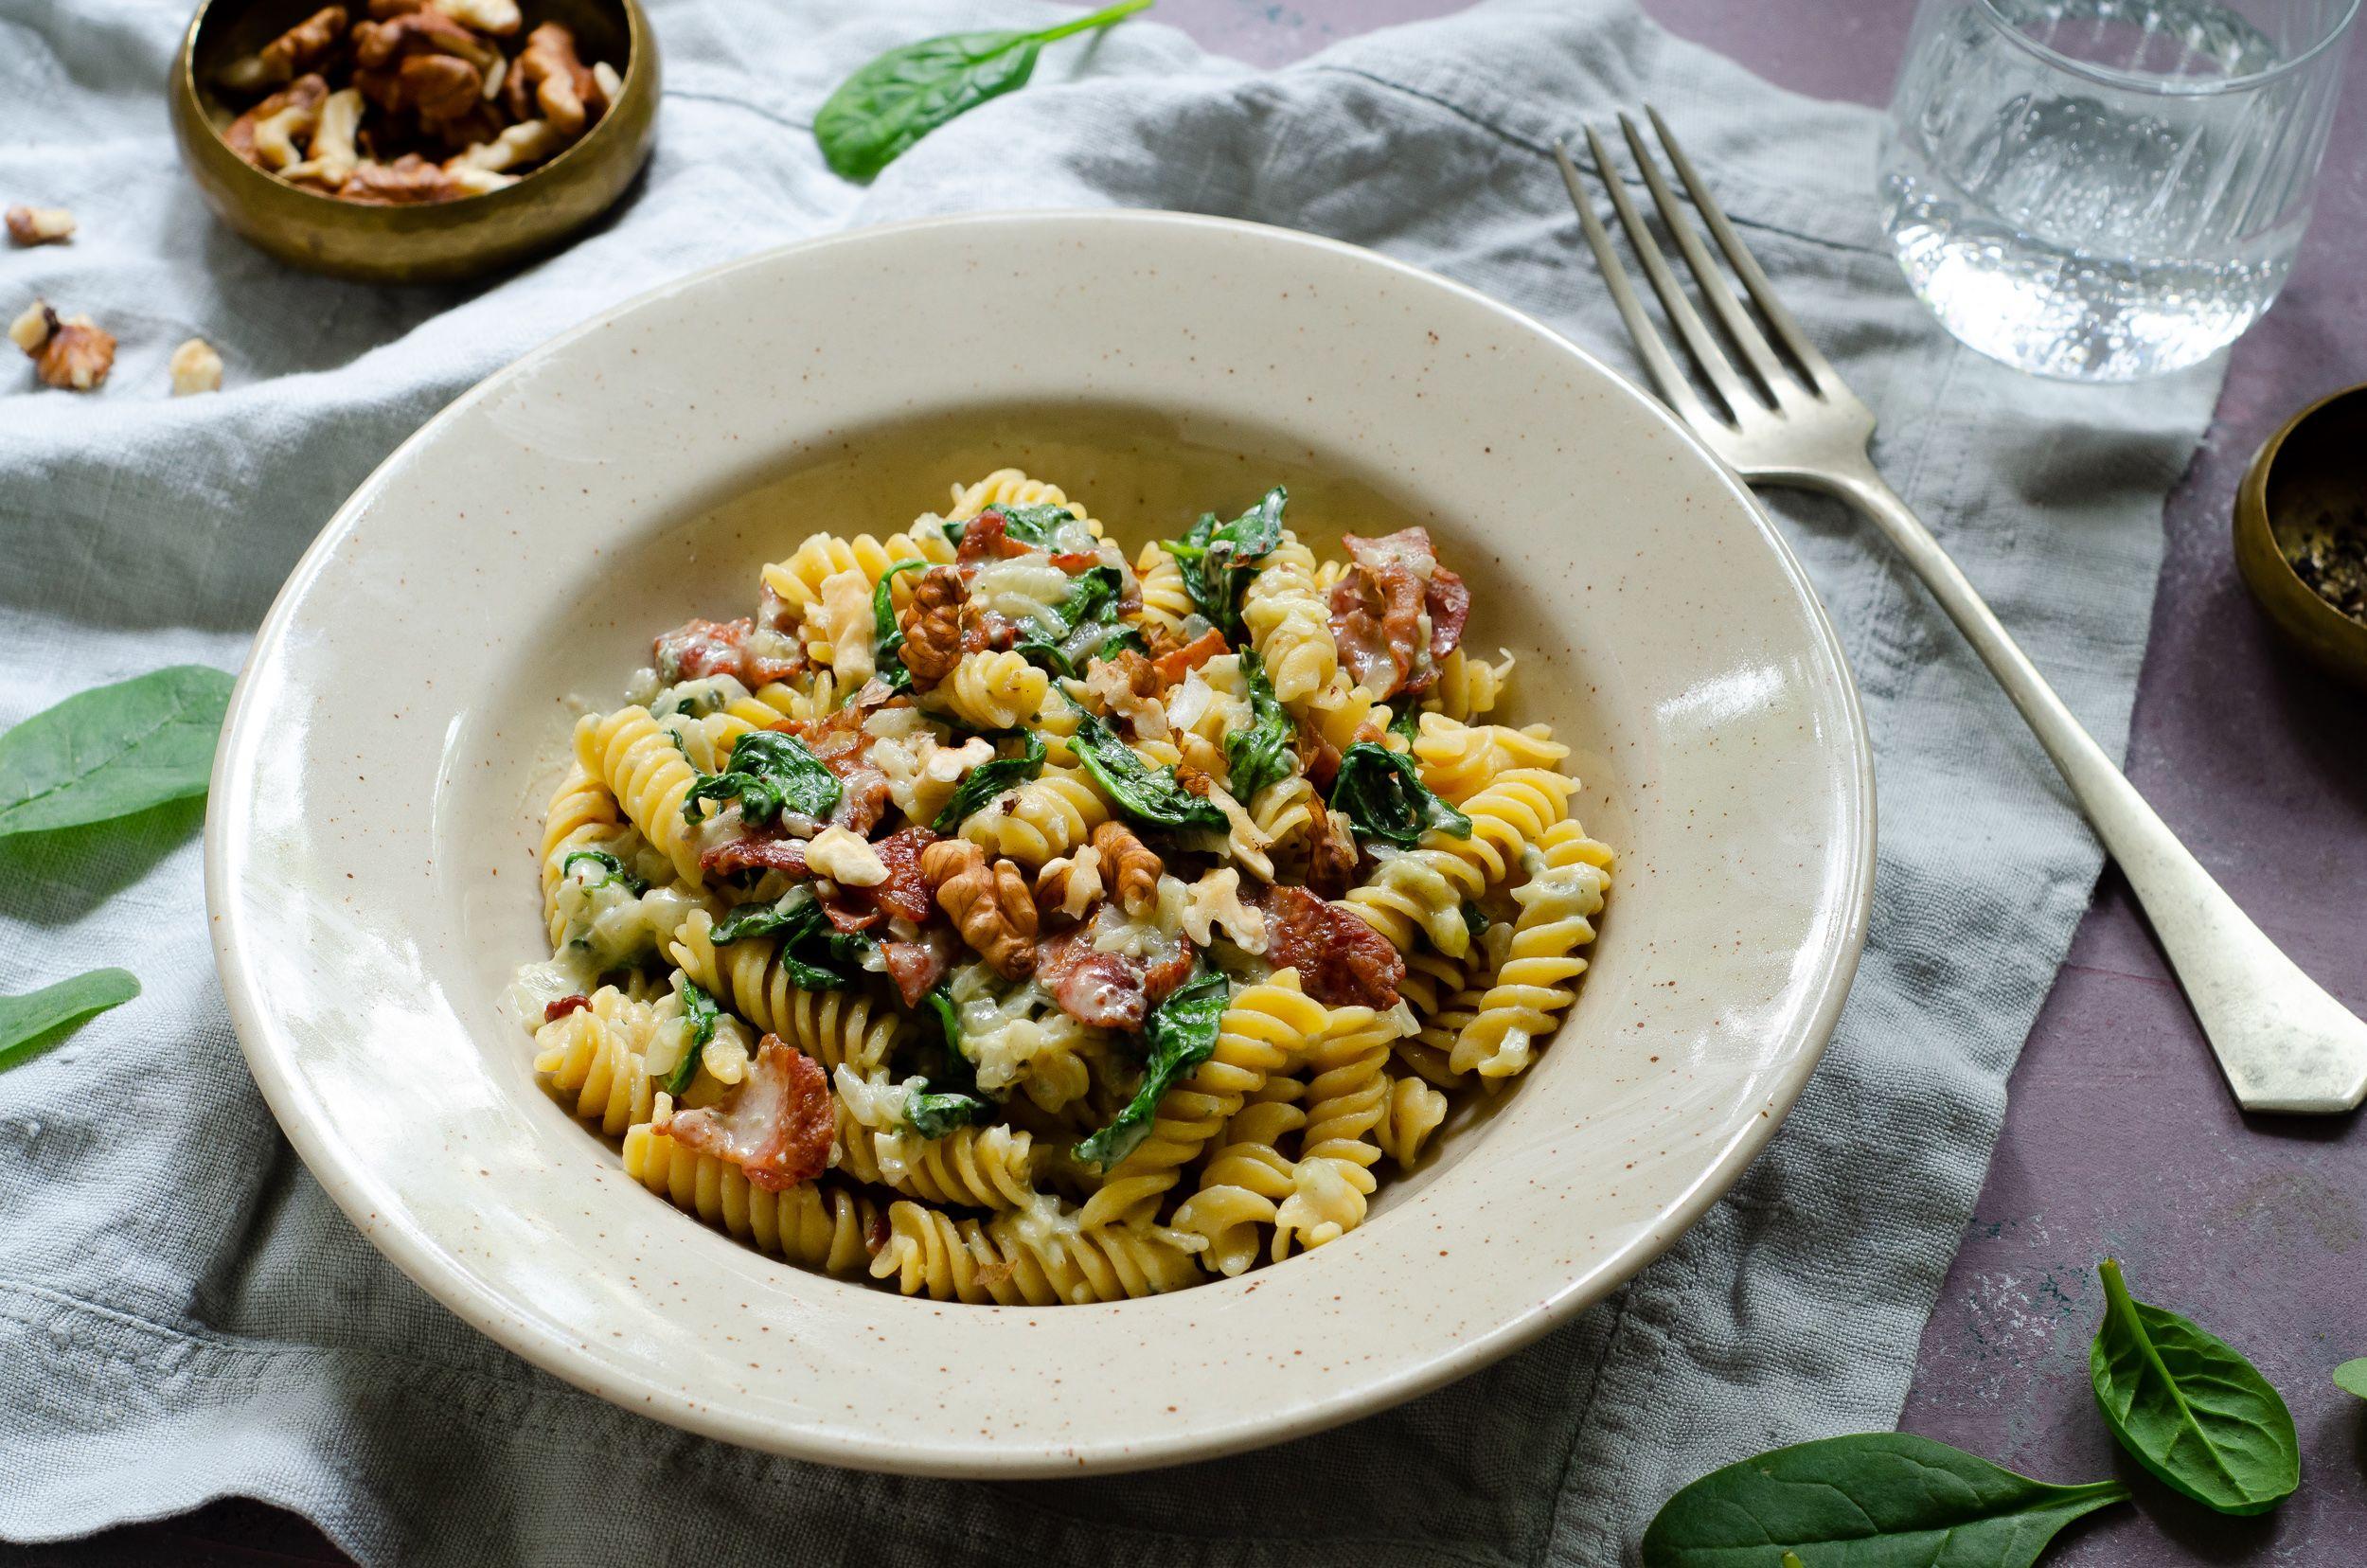 Gorgonzolás baconös légumio - Fotó: Bonduelle